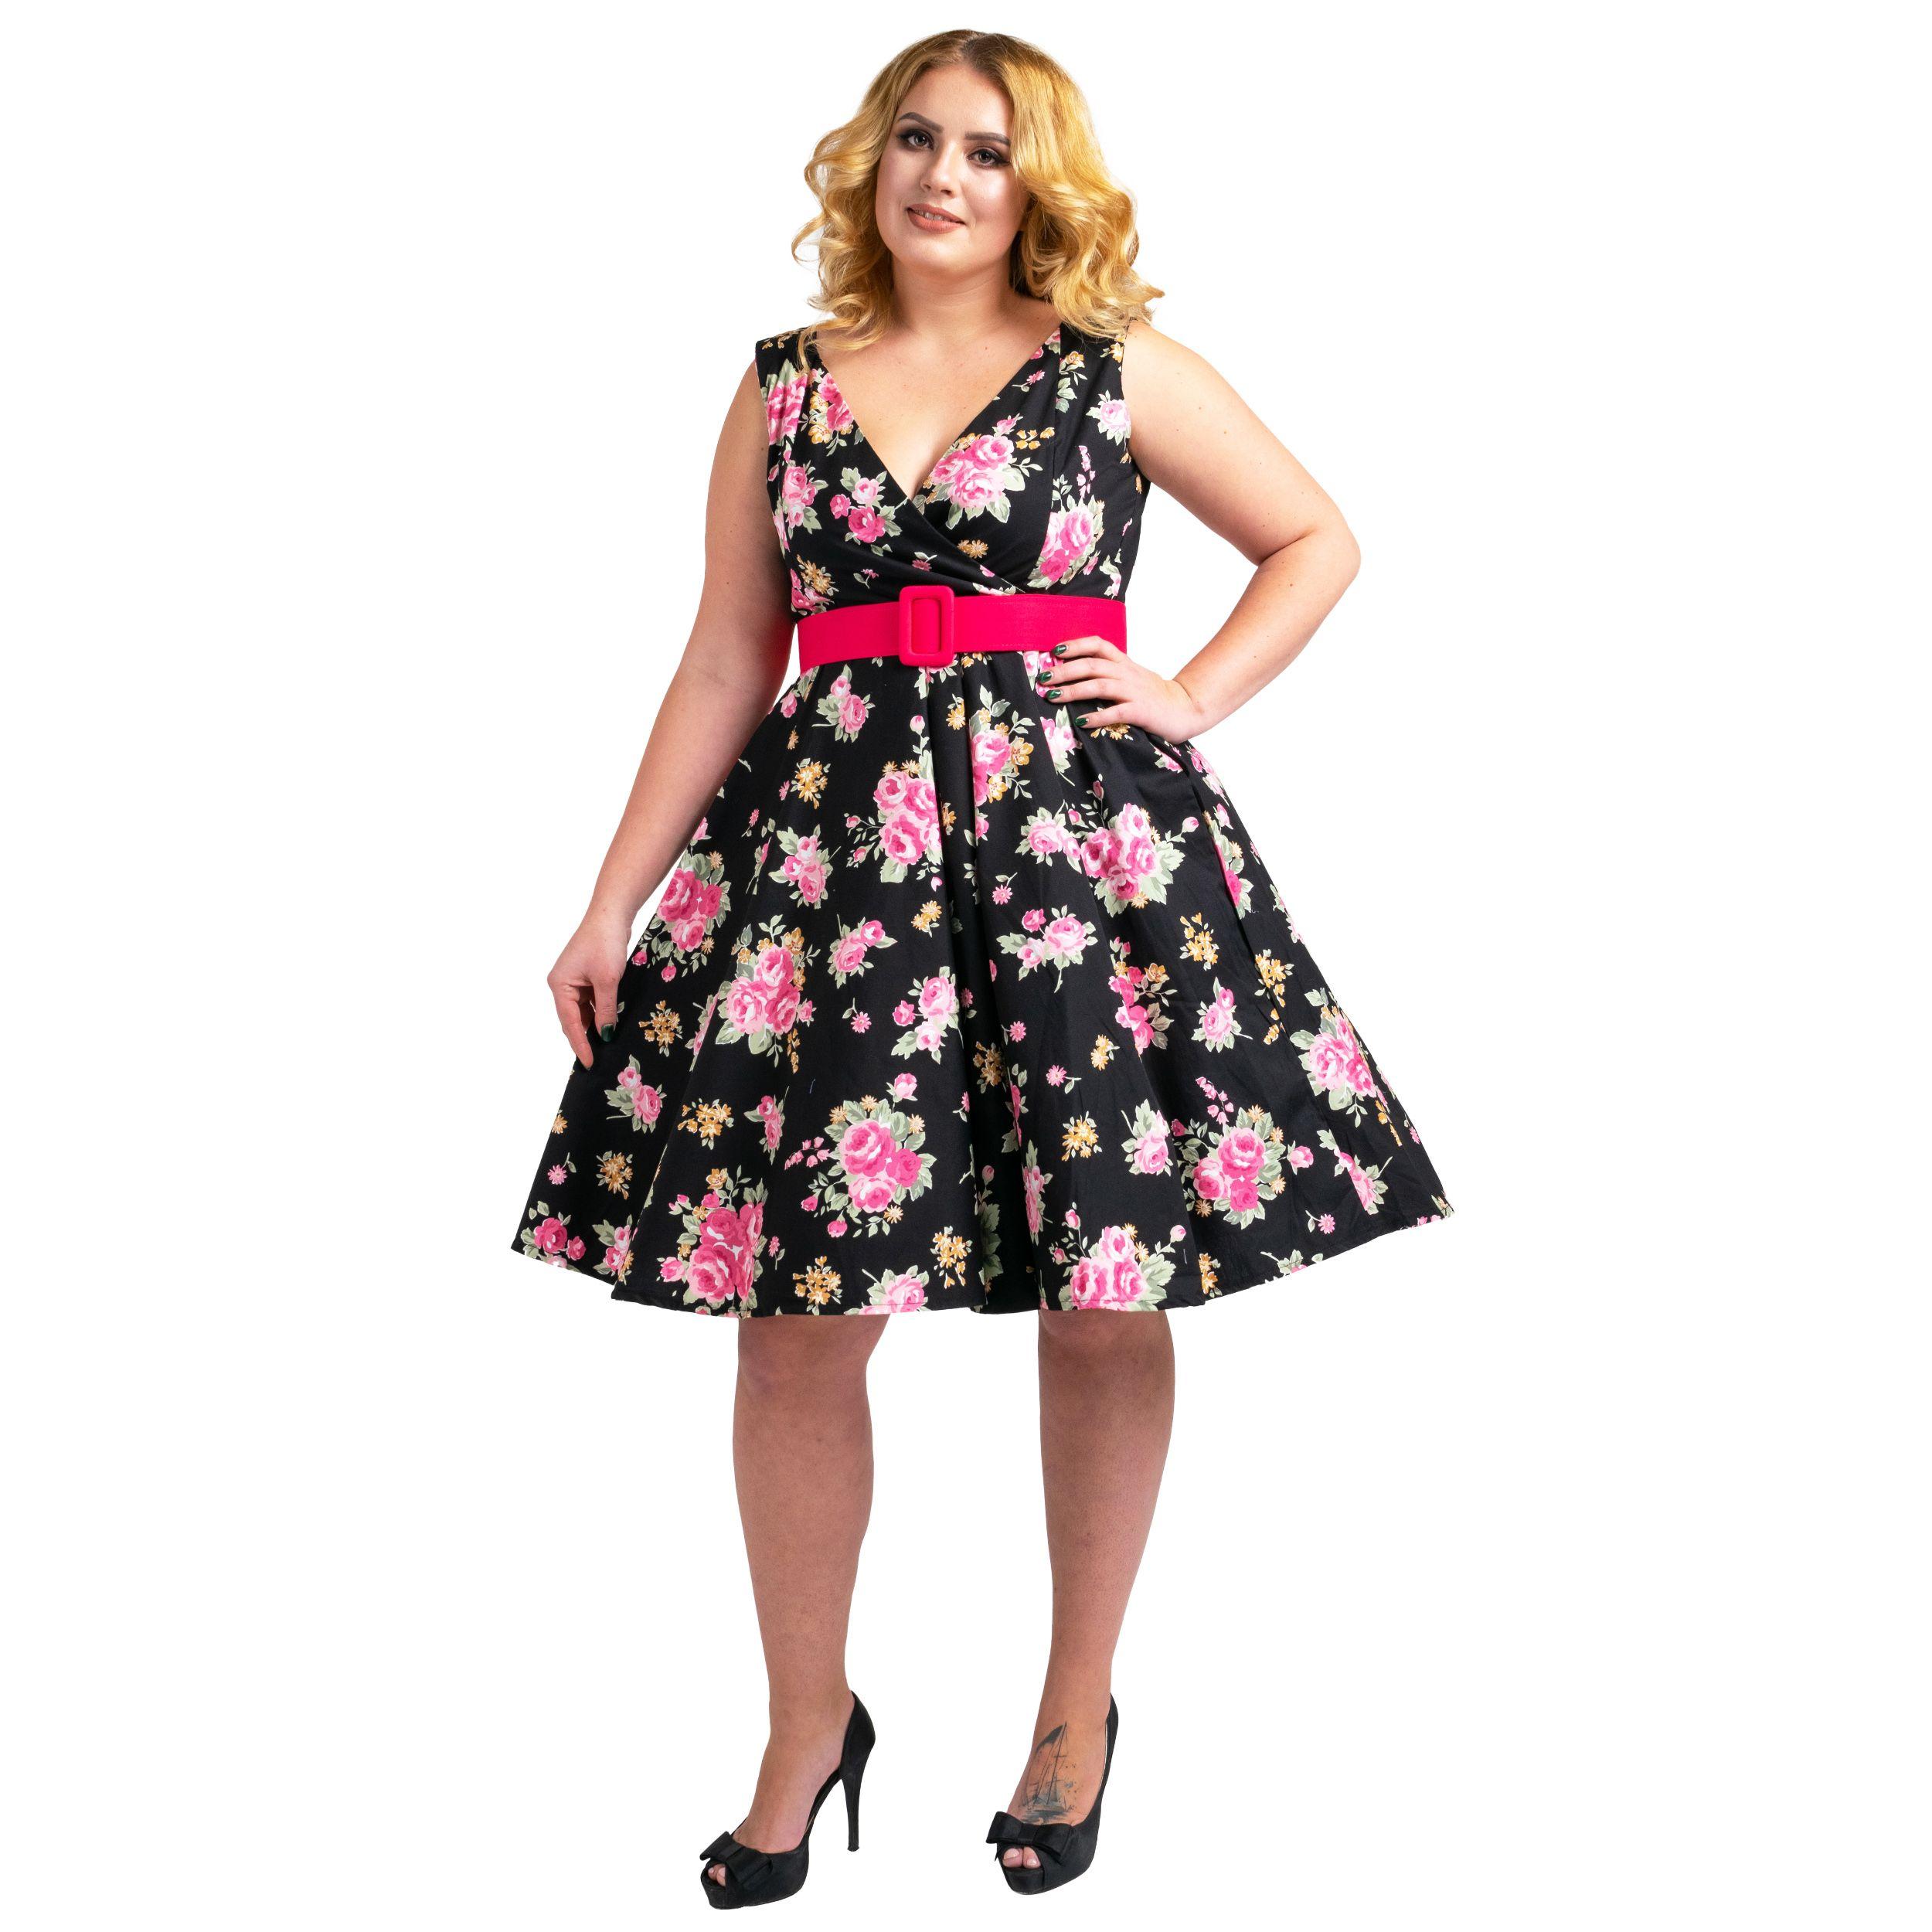 Floral Bridesmaid Dresses 1940s Rockabilly Plus Size